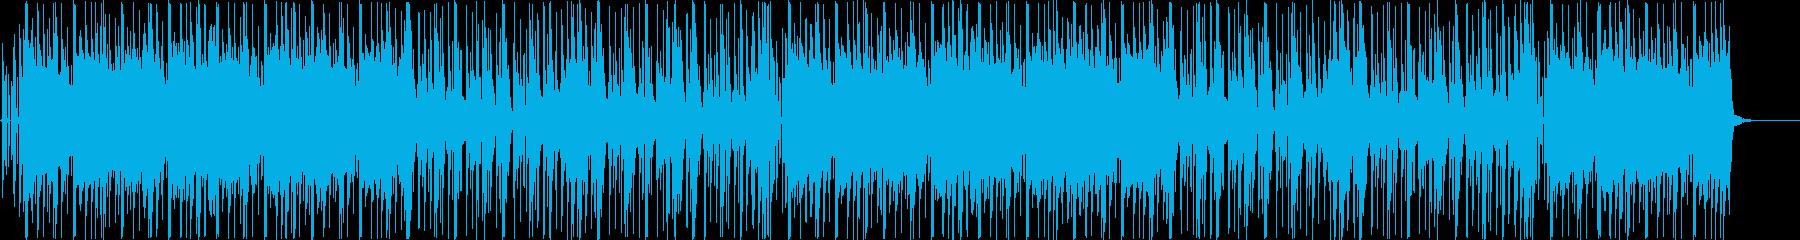 和楽器を使ったおしゃれヒップホップBGMの再生済みの波形